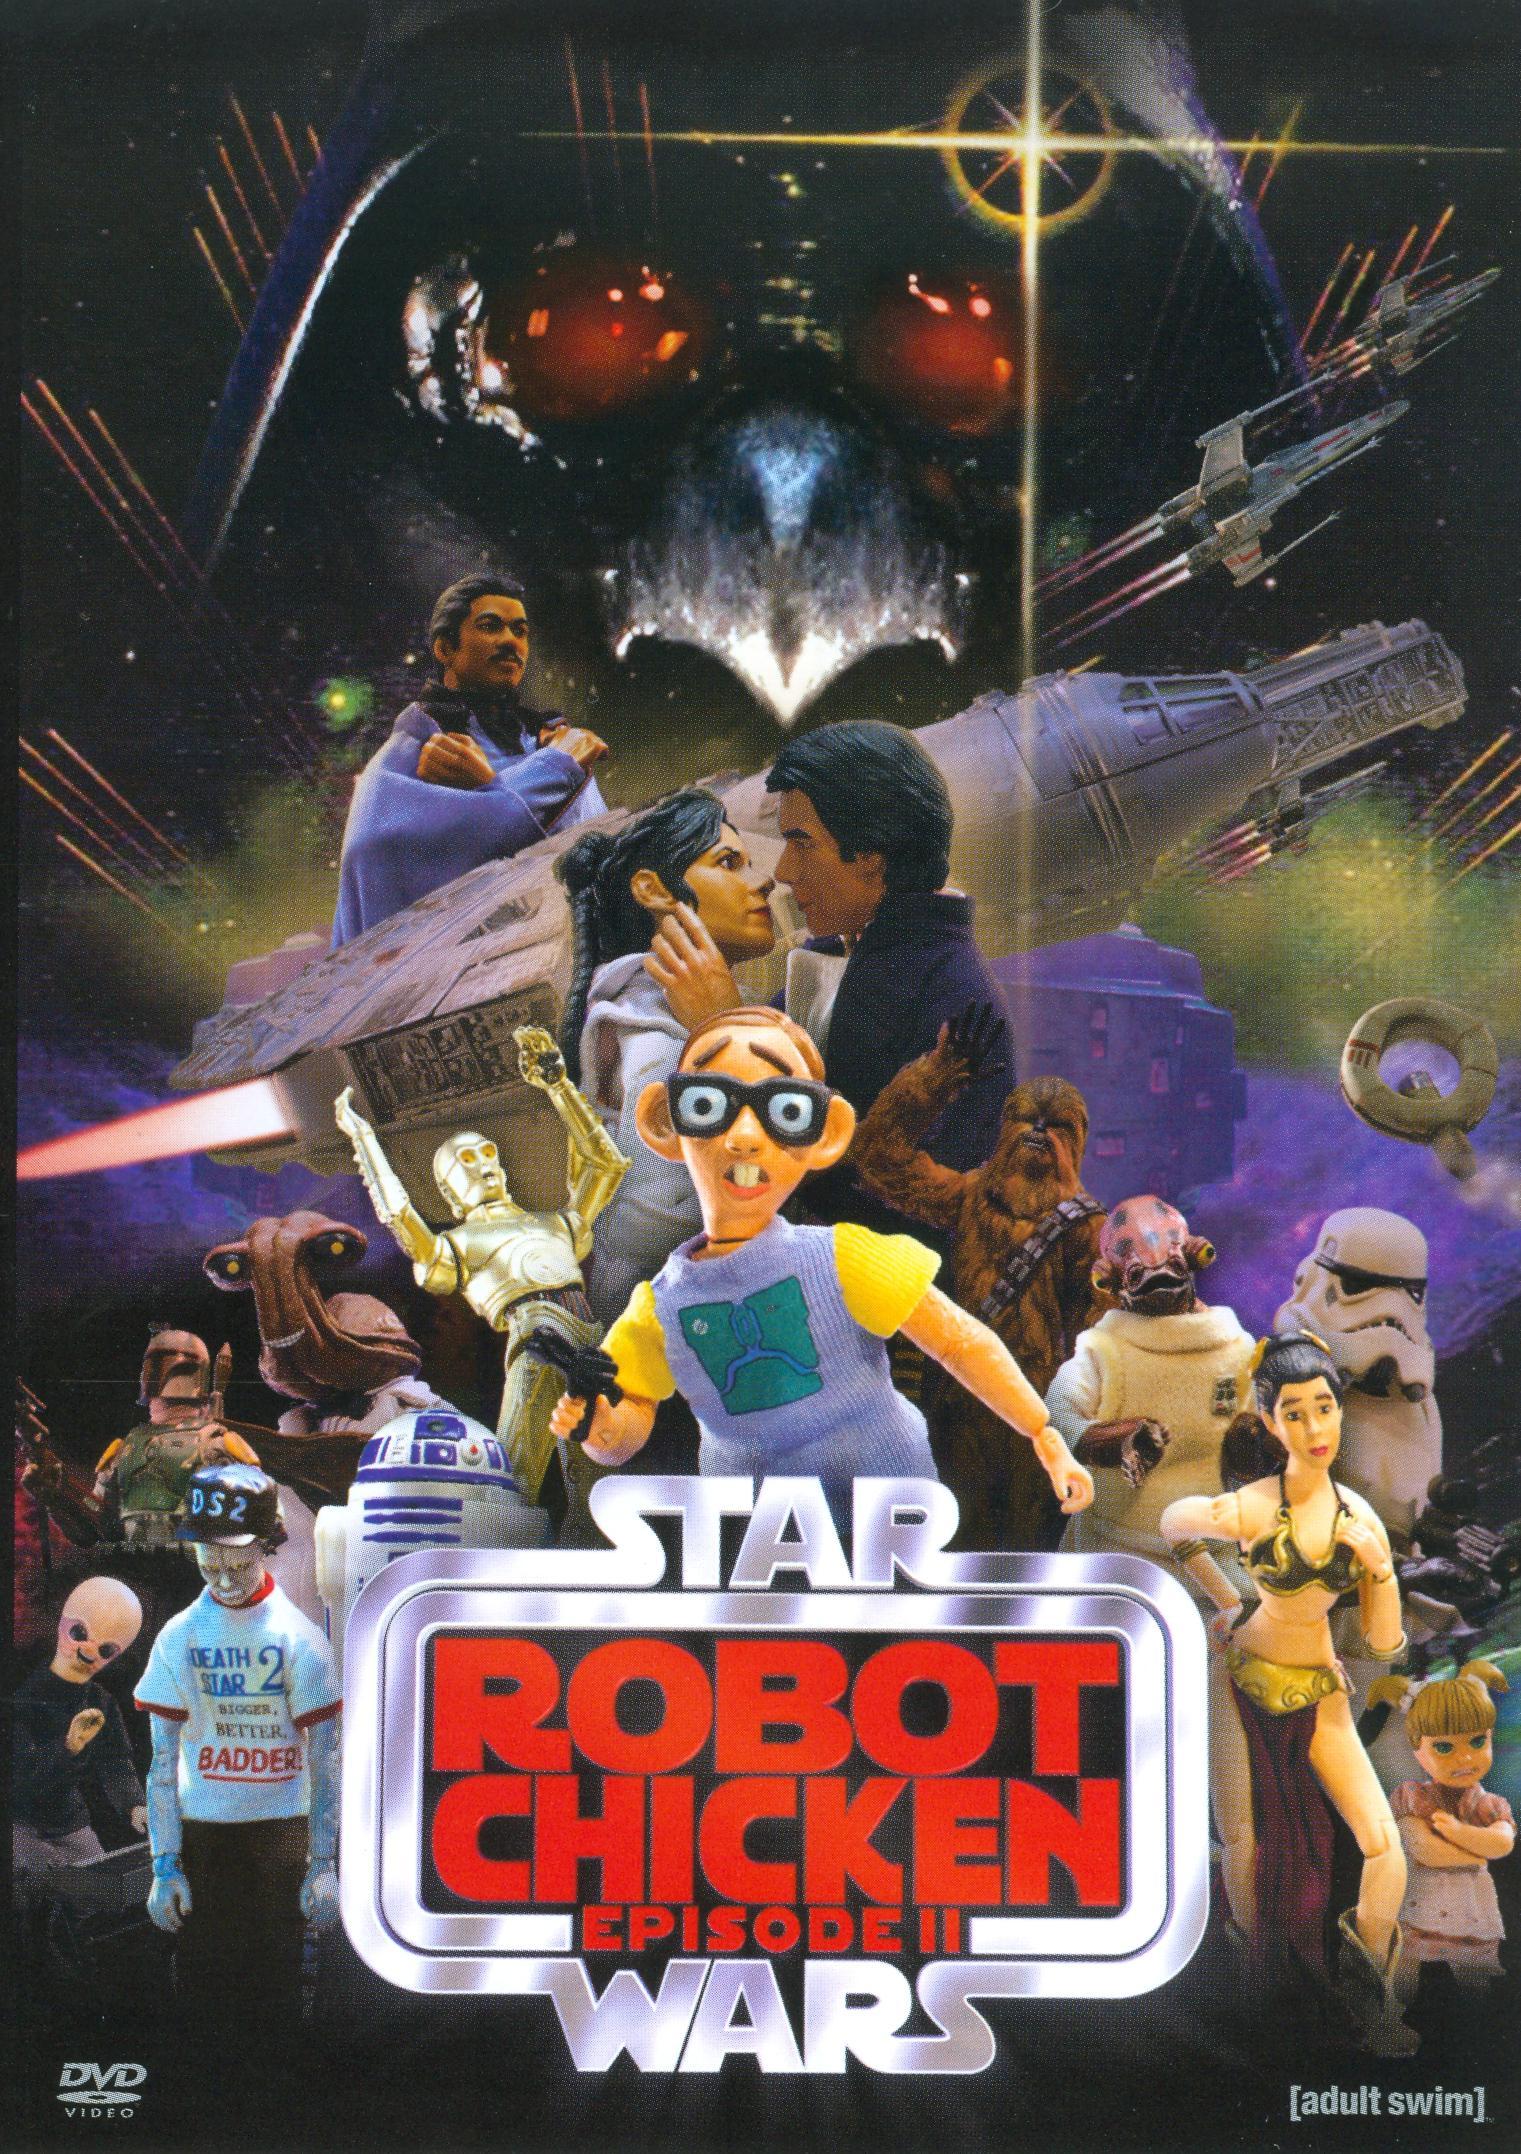 Robot Chicken: Star Wars - Episode II